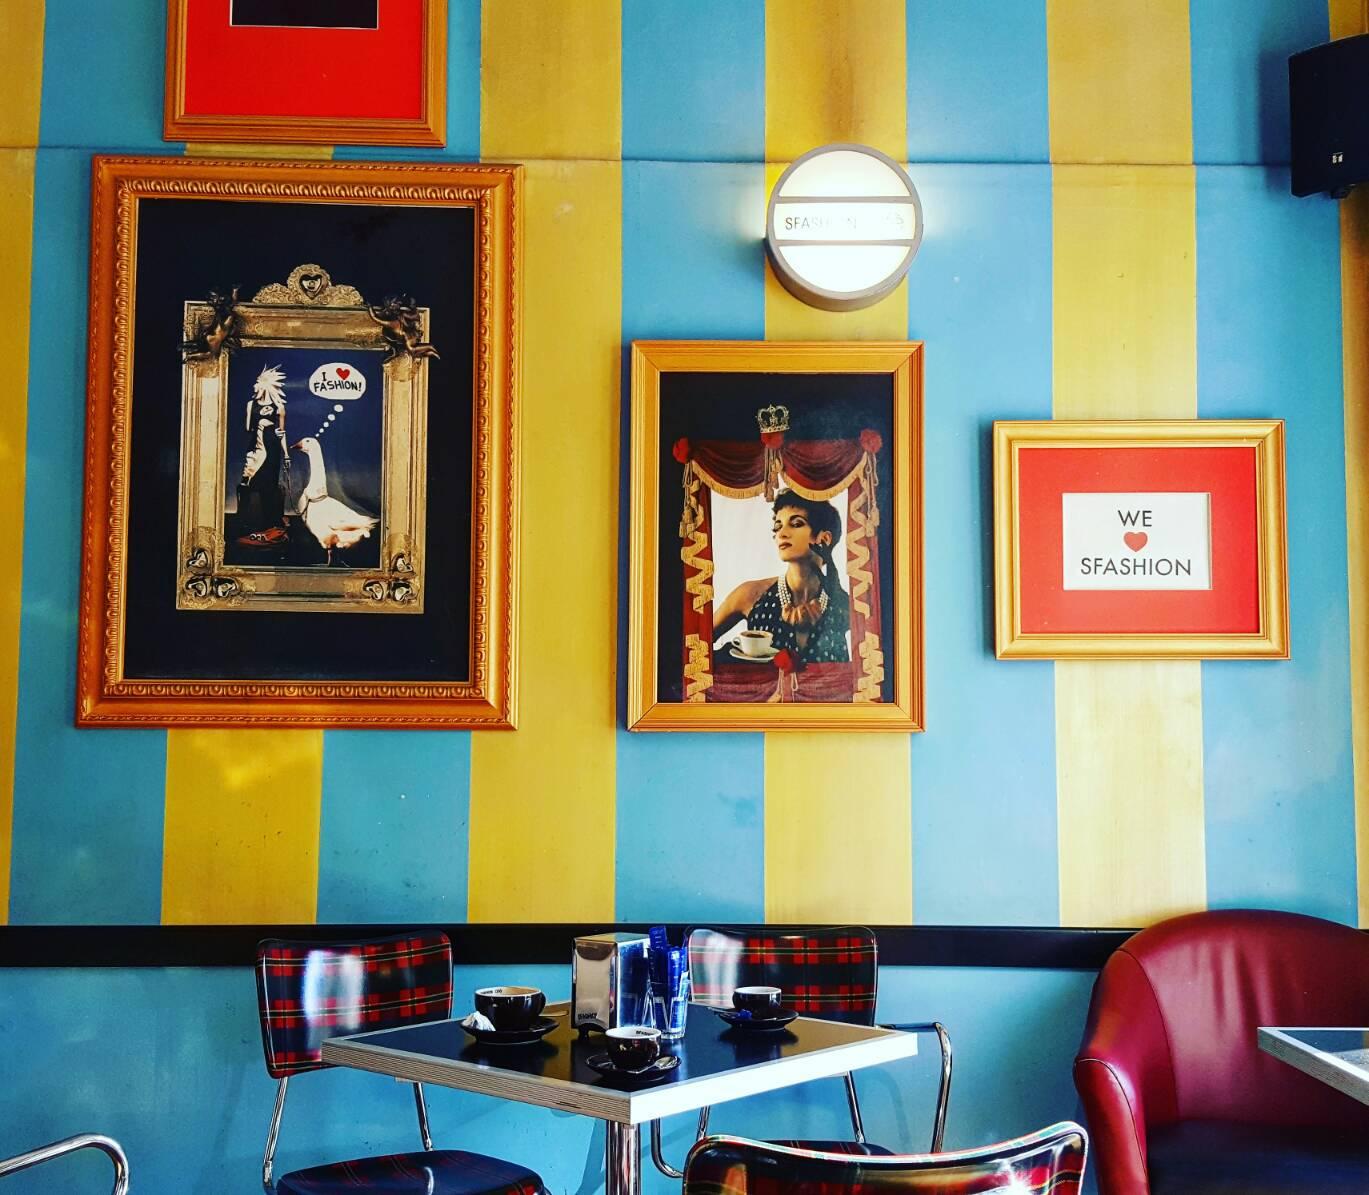 トリノのお洒落でレトロなレストラン |SFASHION CAFÈ